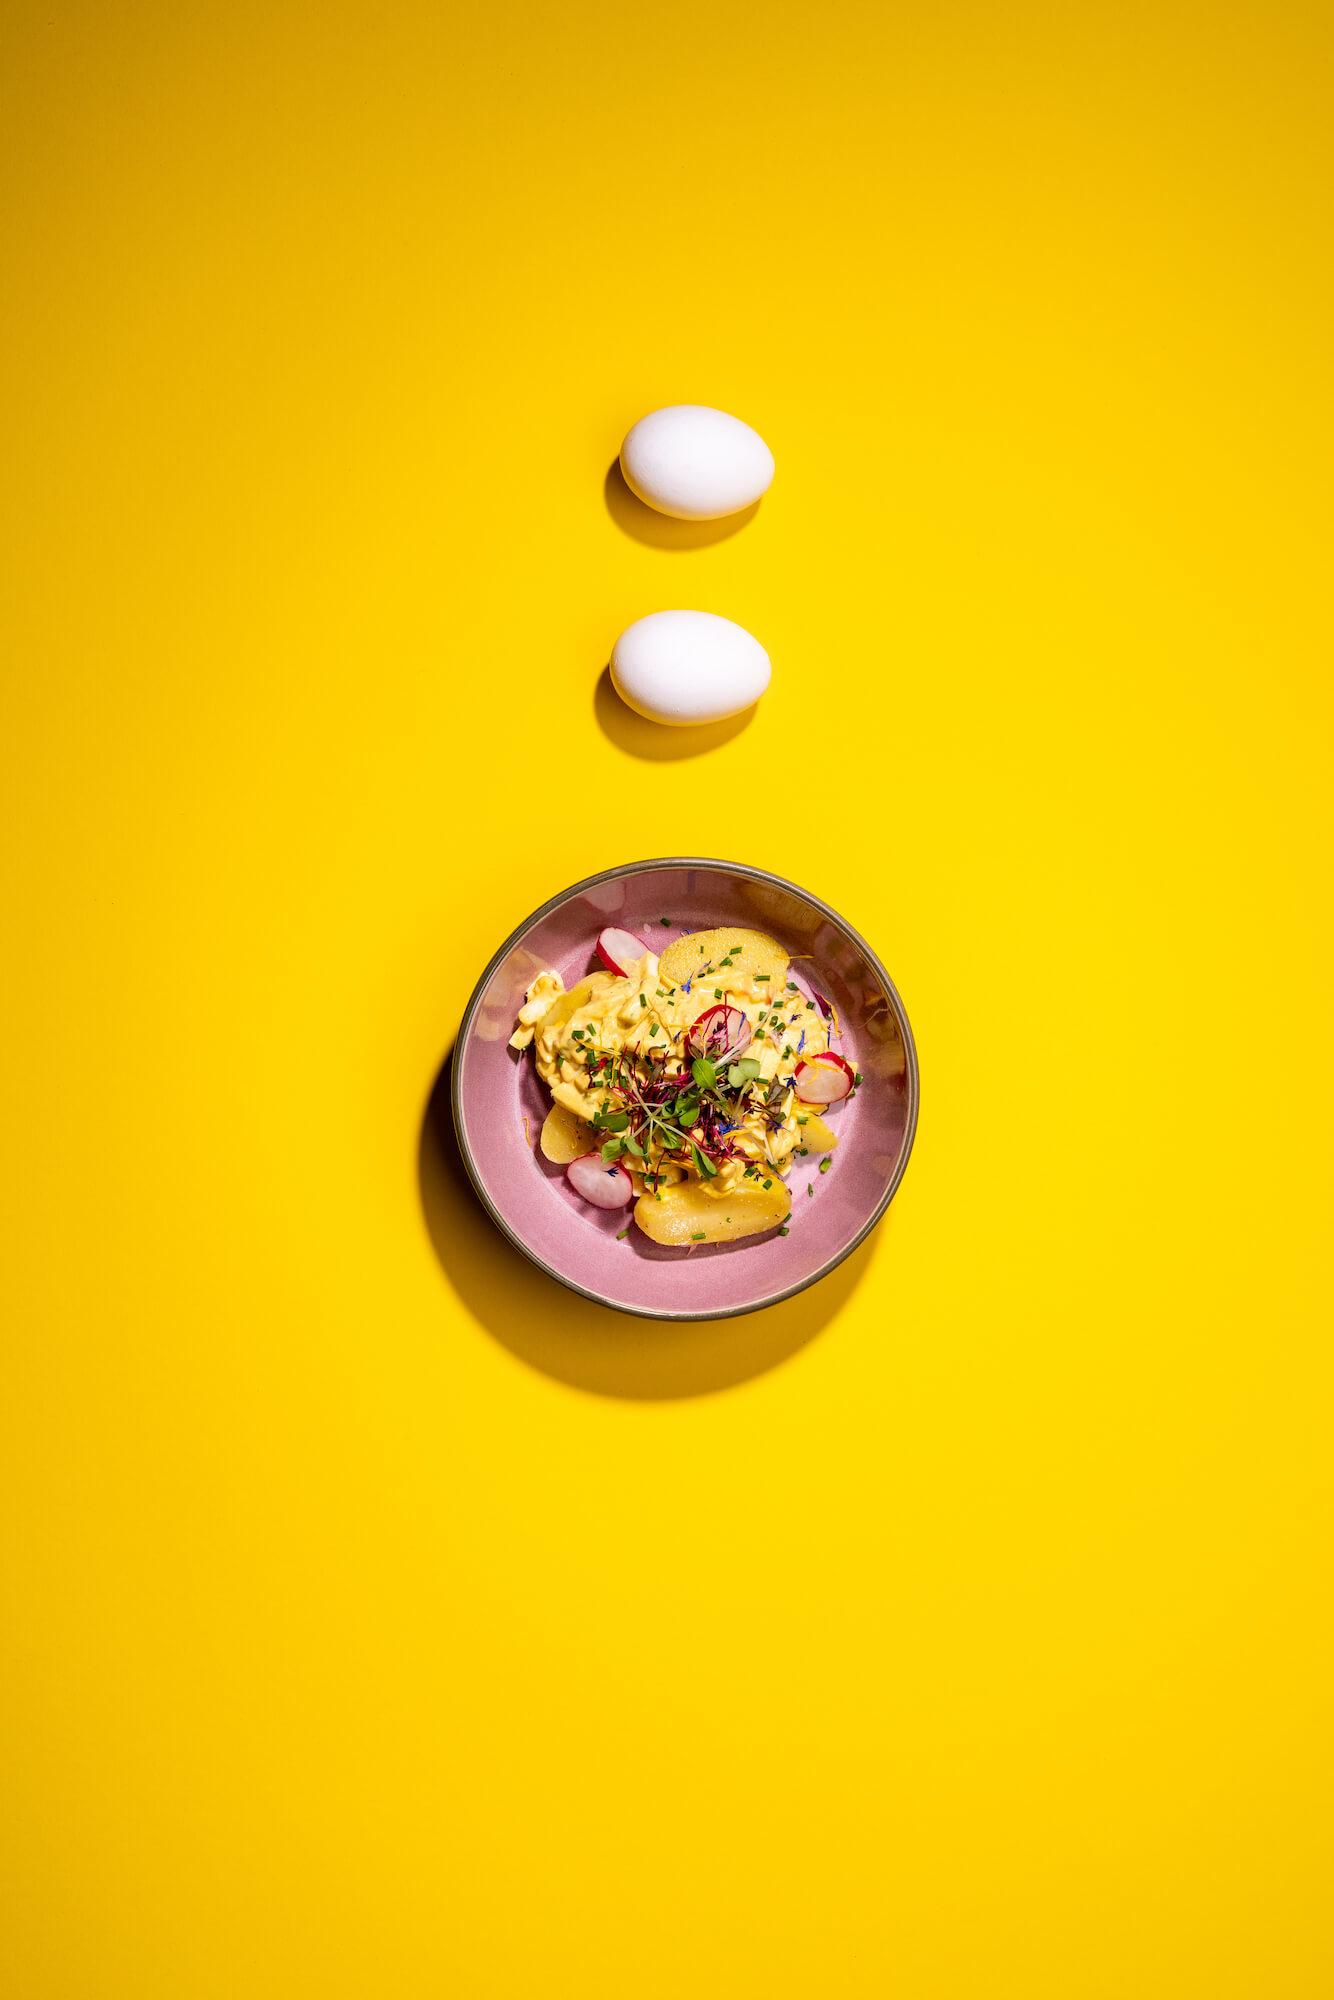 Food Fotografie für «Die Hühnerei»